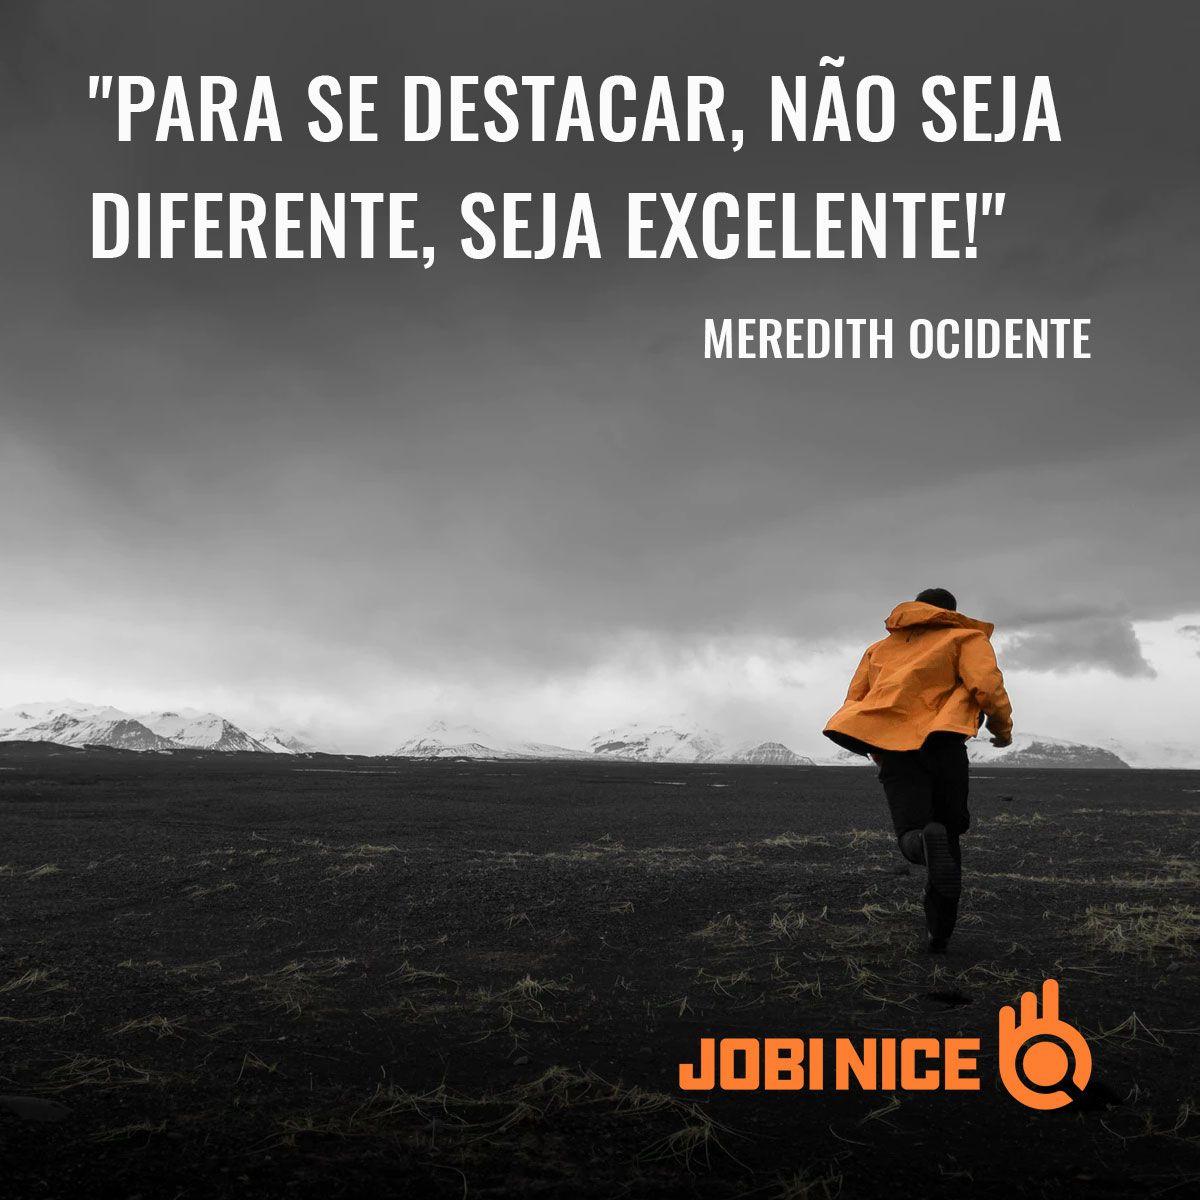 Para se destacar, não seja diferente, seja excelente!